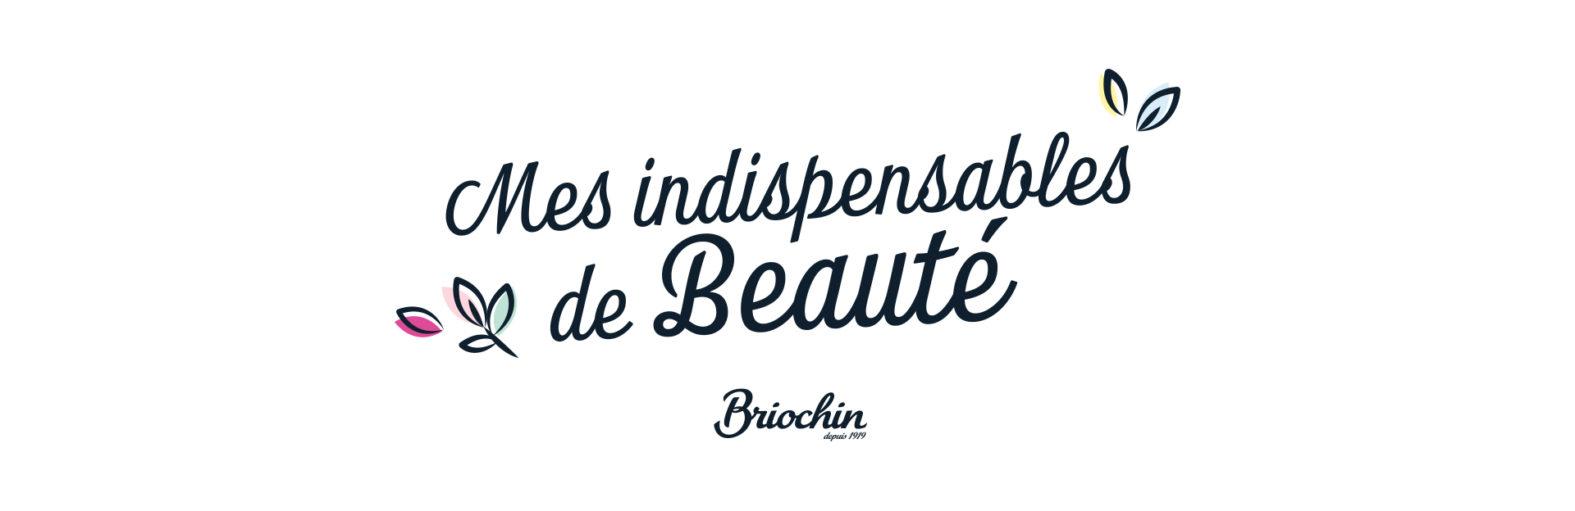 Landeau Création Briochin Logo Mes indispensables de beauté